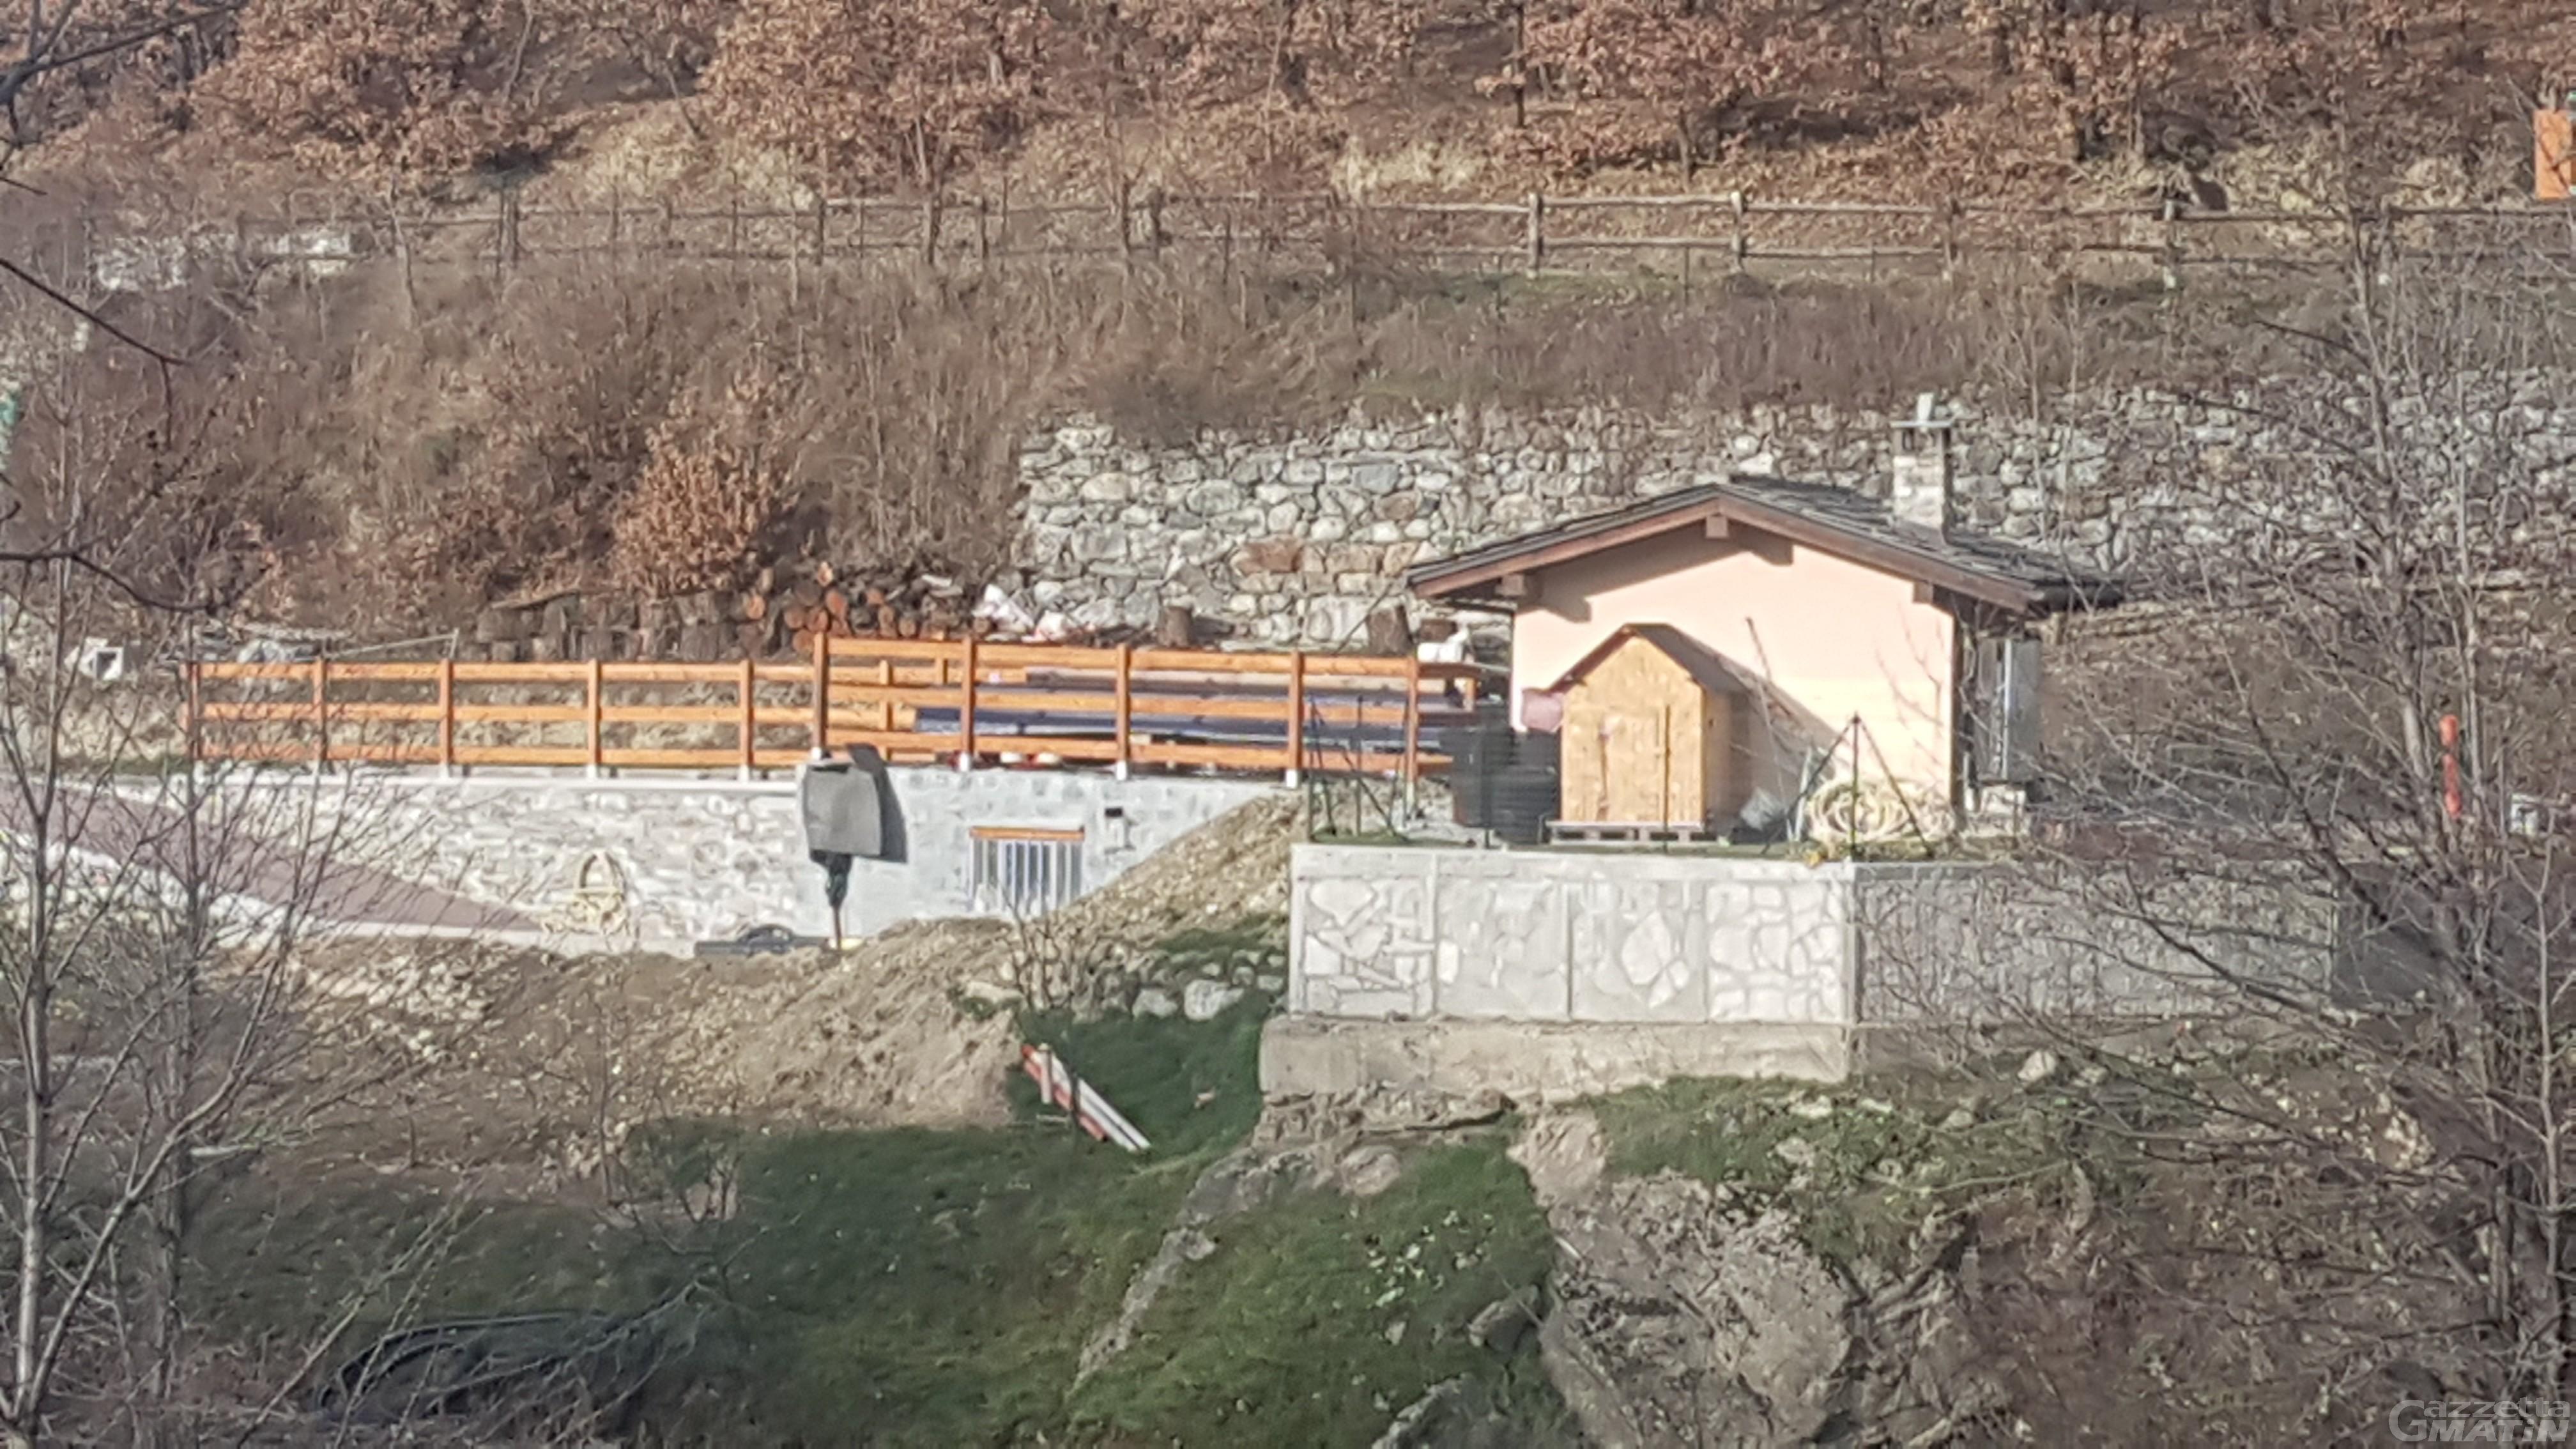 Abuso edilizio a Quart: nuovo sequestro per depositi a uso residenziale